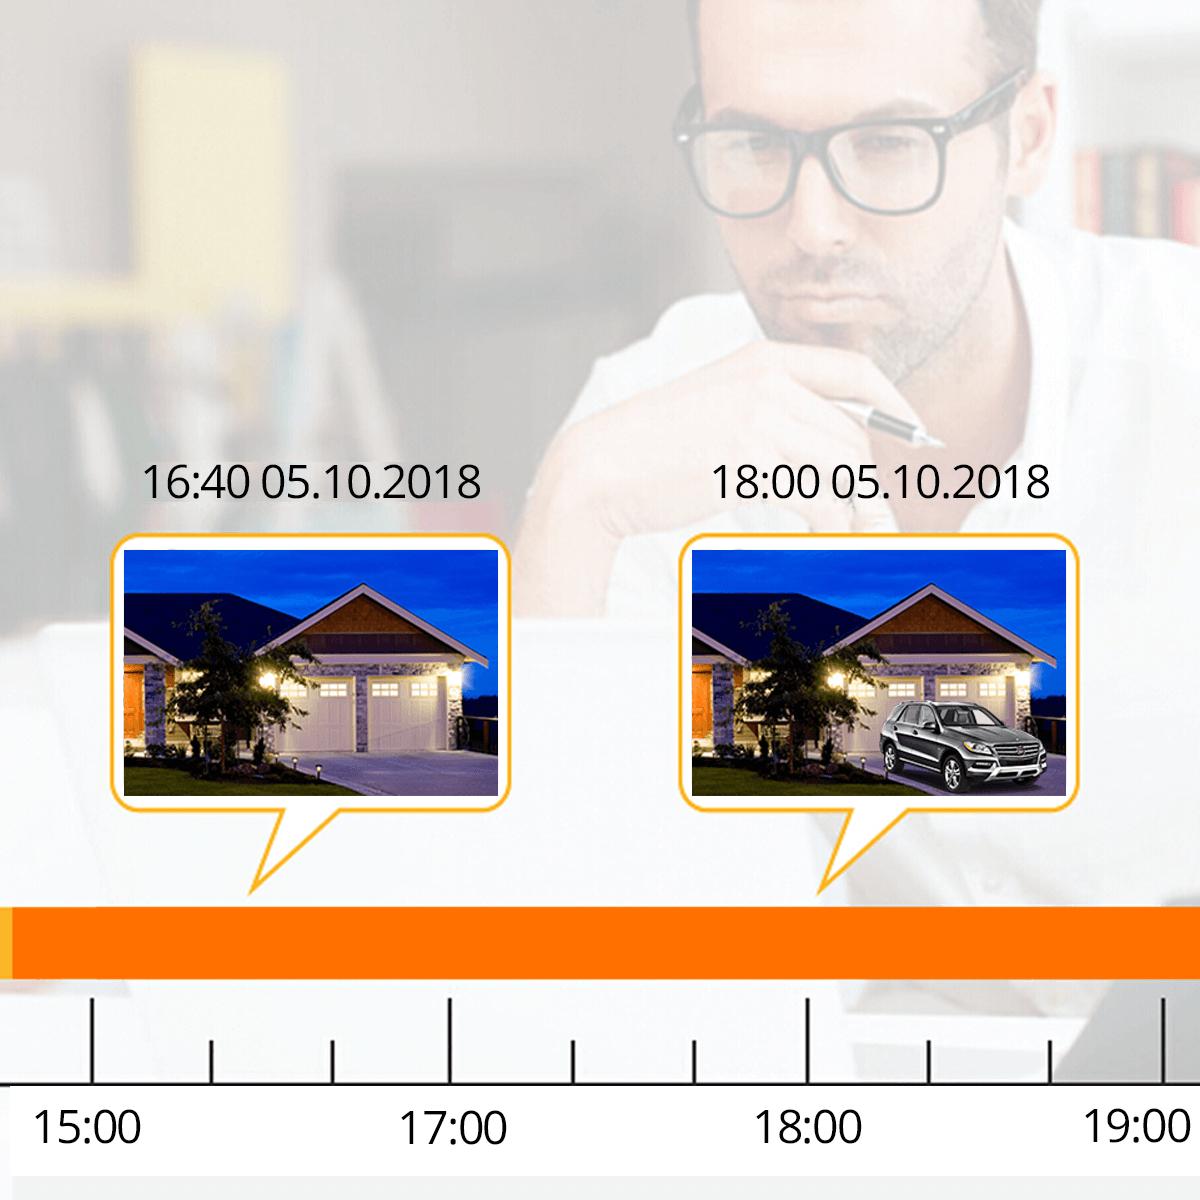 profesjonalny monitoring z rejestratorem orllo.pl